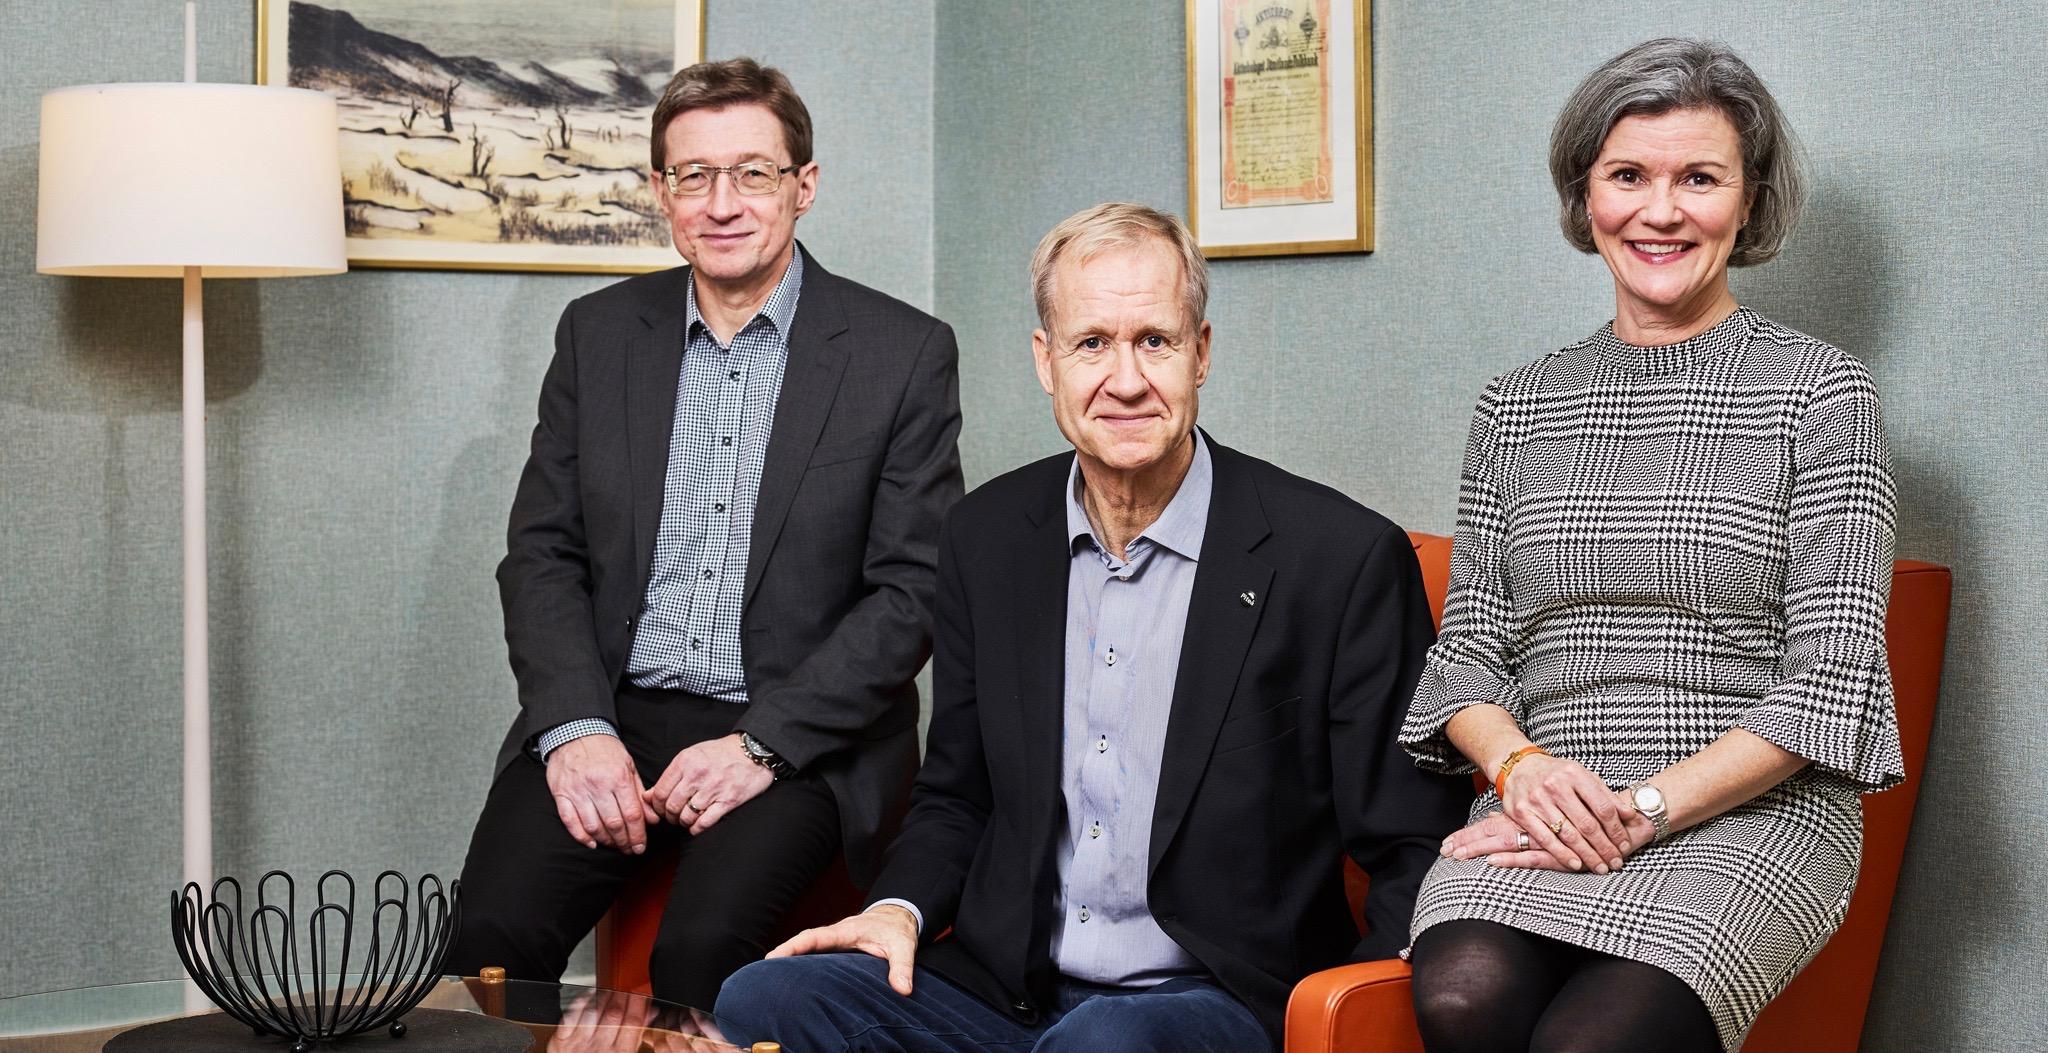 Från vänster: Koncerncontroller Roger Wiklund, VD Jan Jonsson och VD-assistent Lena Ahlqvist-Vaattovaara